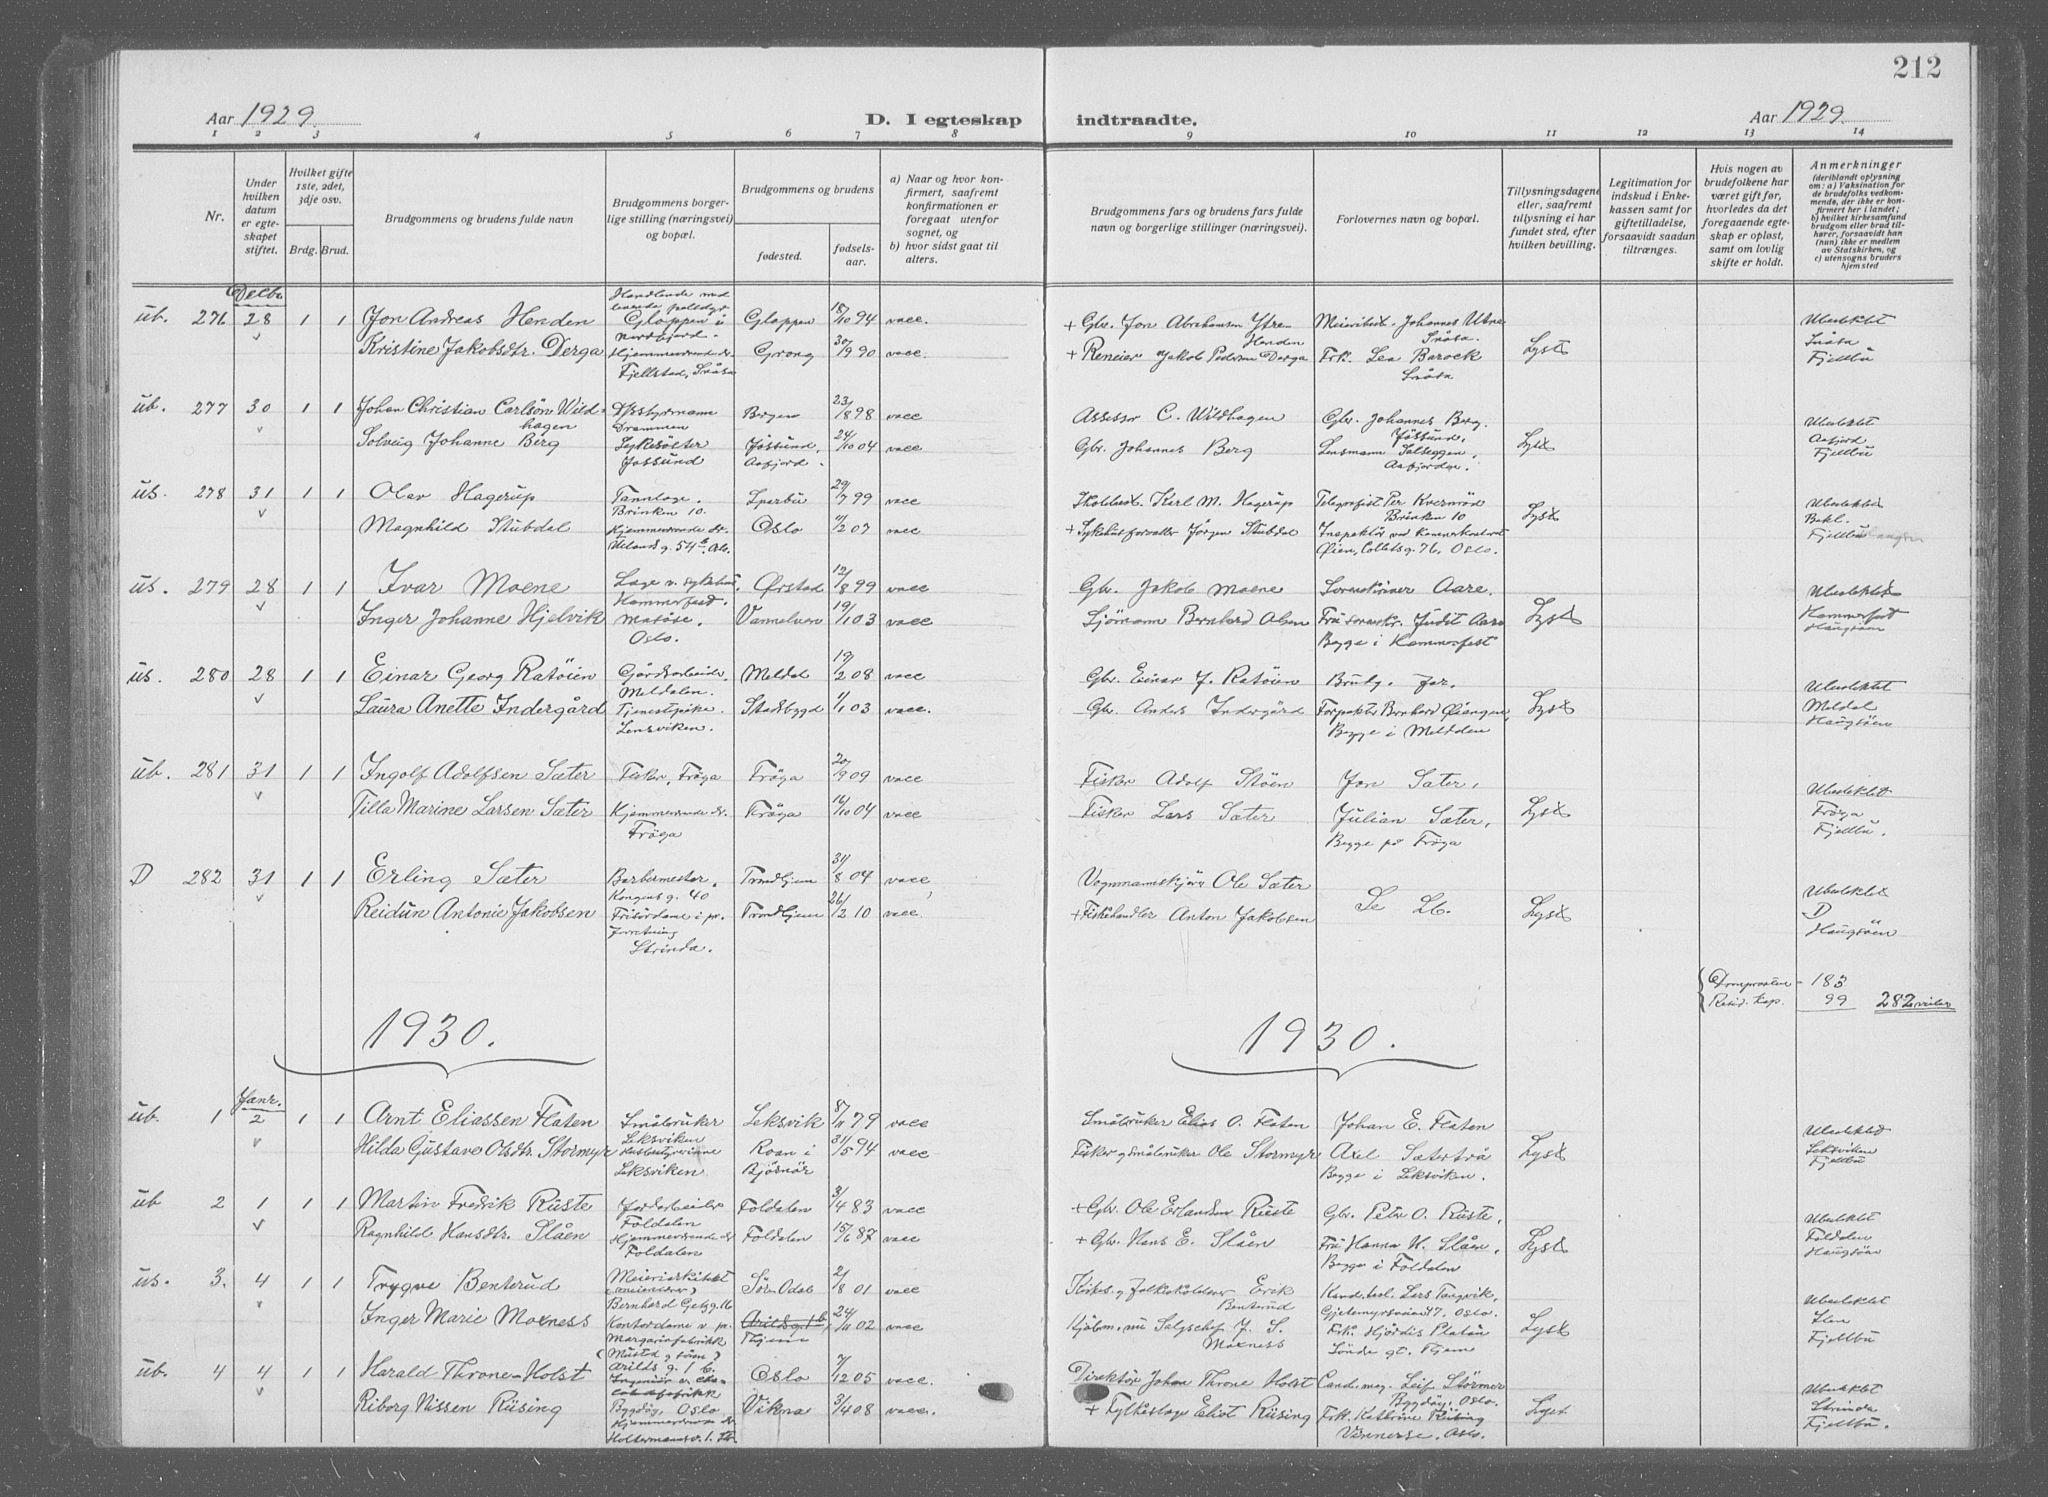 SAT, Ministerialprotokoller, klokkerbøker og fødselsregistre - Sør-Trøndelag, 601/L0098: Klokkerbok nr. 601C16, 1921-1934, s. 212